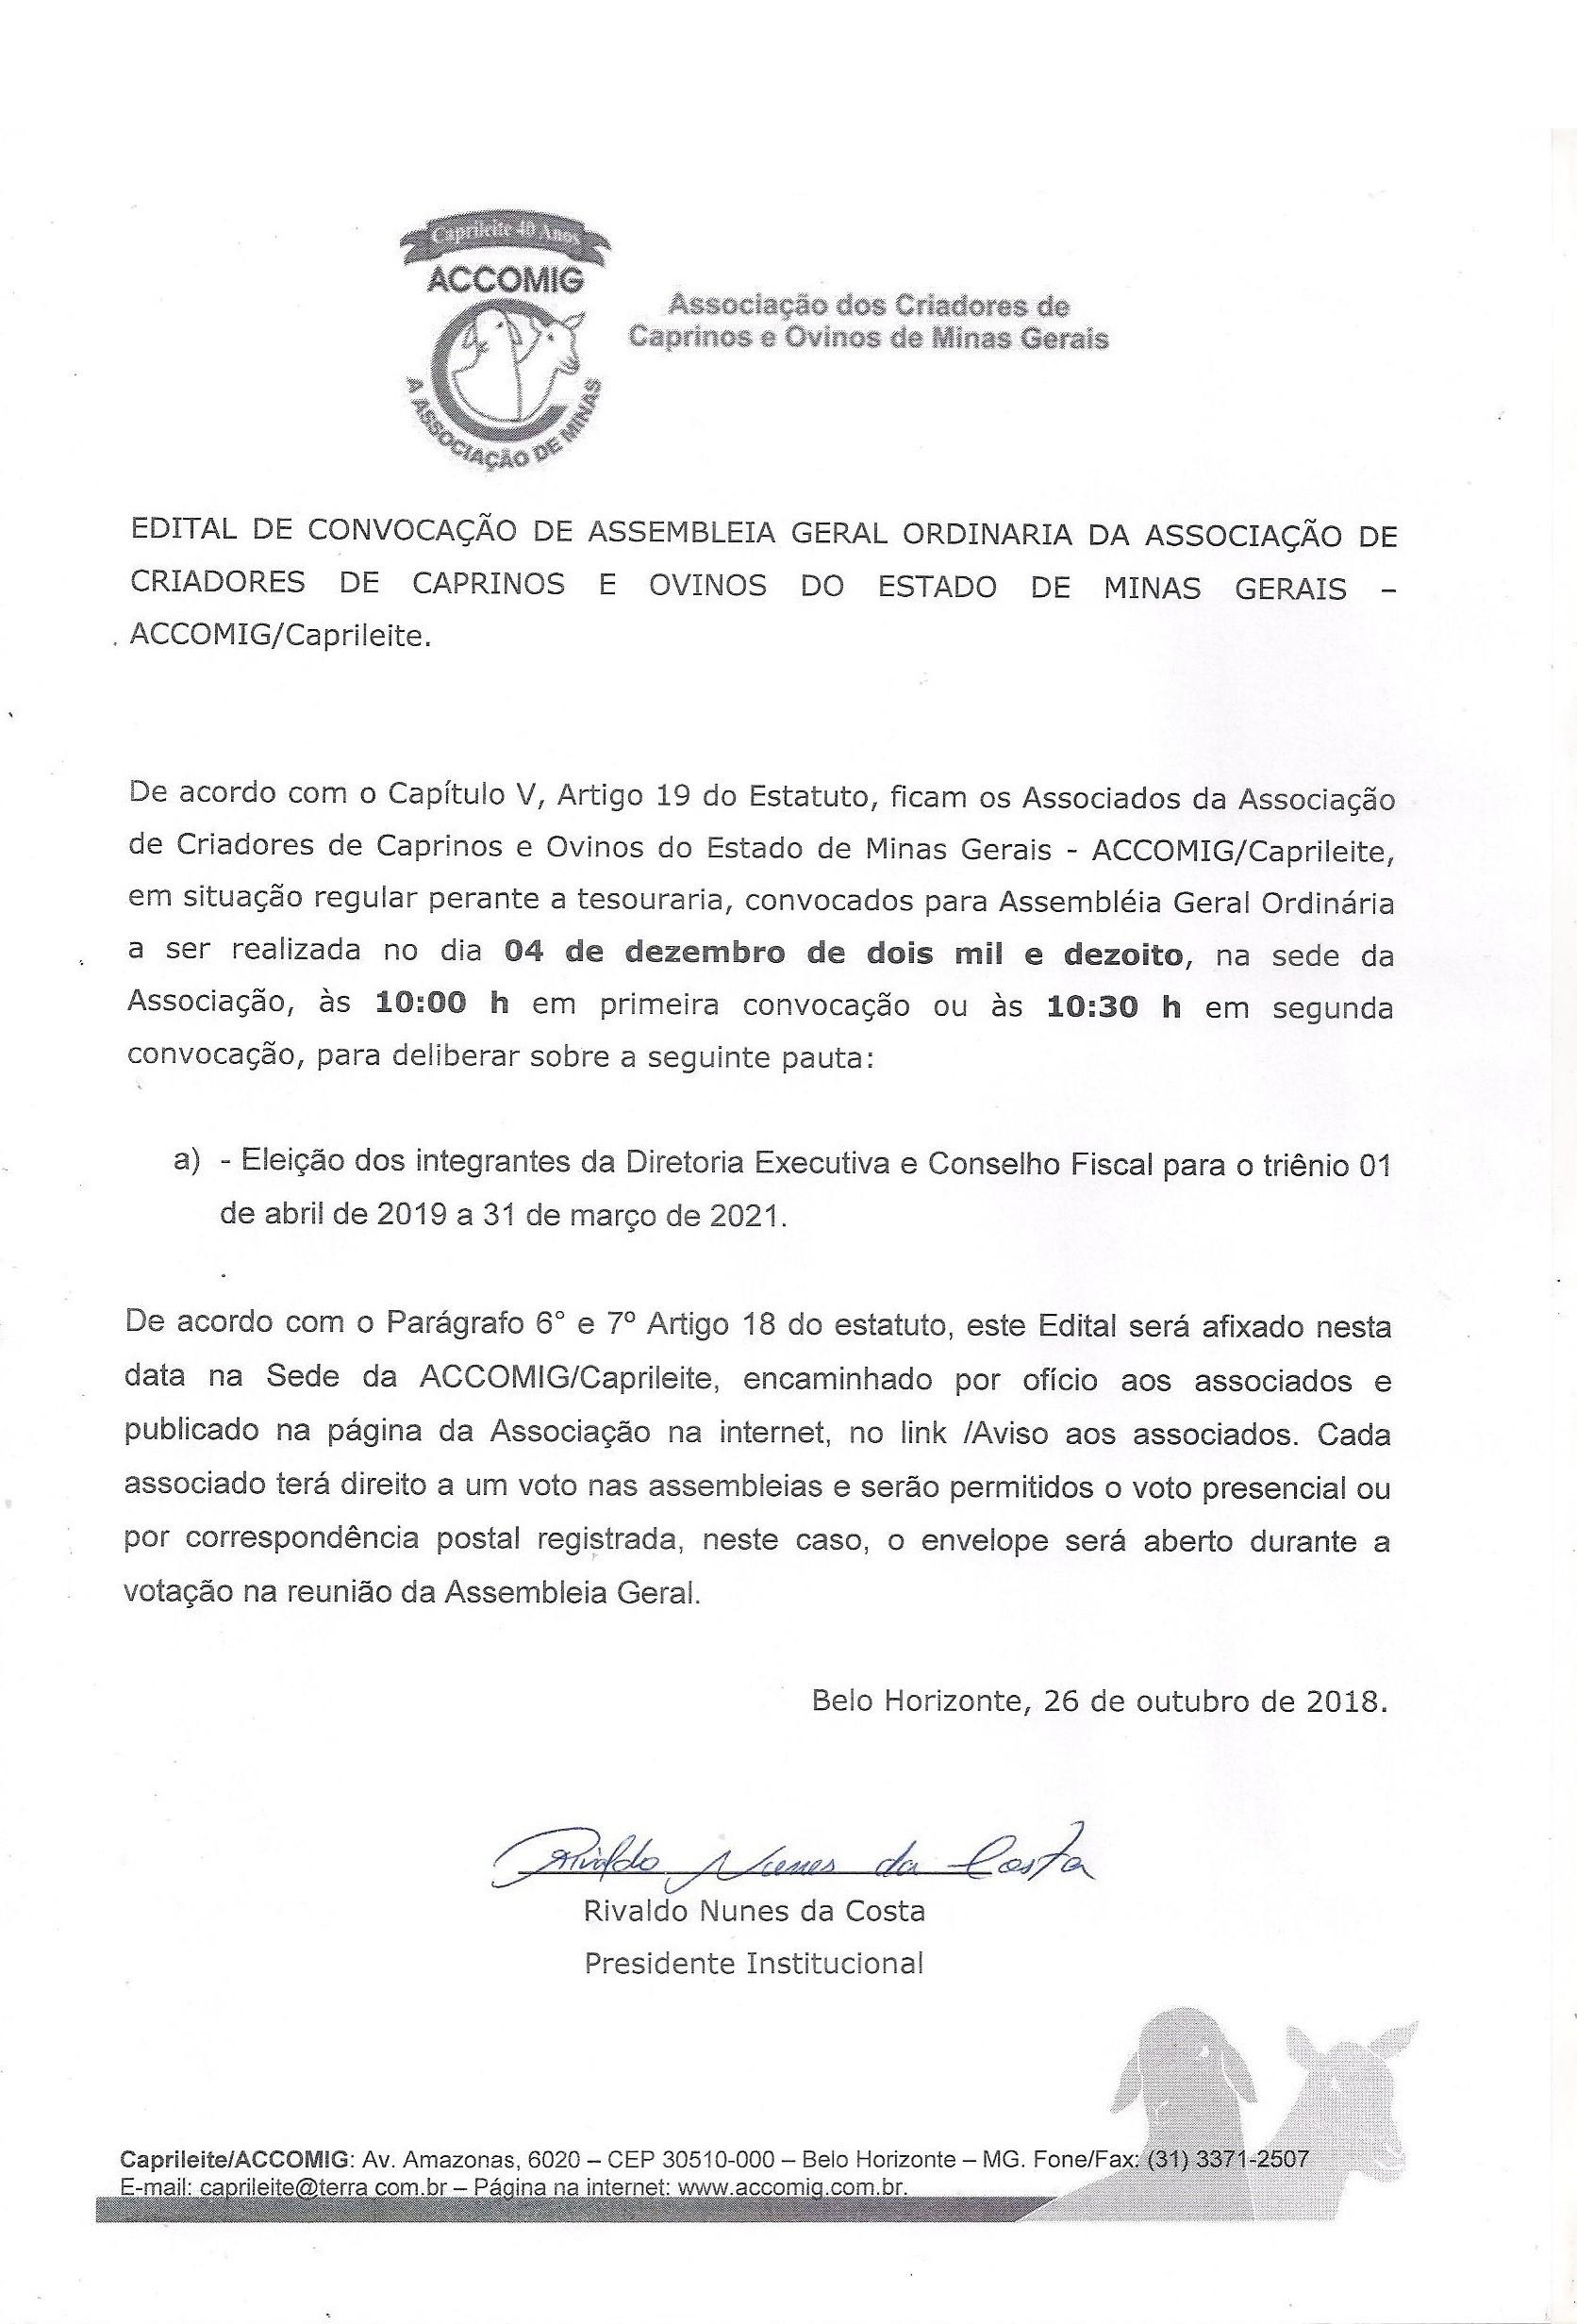 EDITAL CONVOCAÇÃO ASSEMBLEIA GERAL ORDINARIA NOVA DIRETORIA TRIENIO 2019-2021